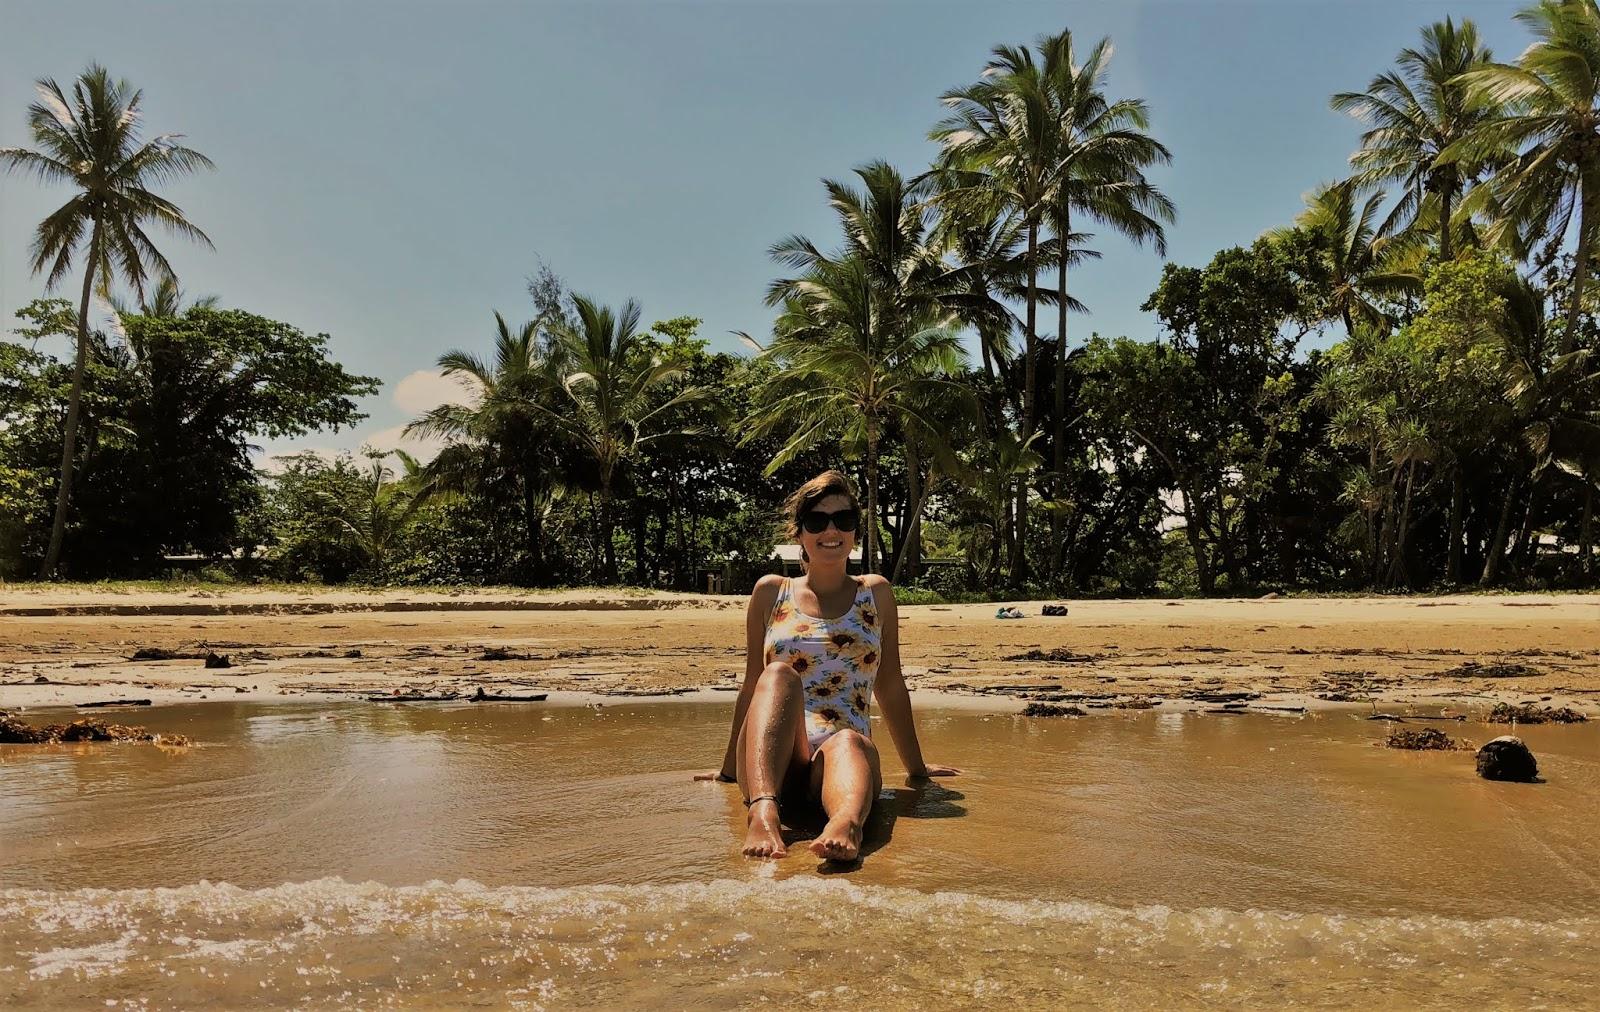 Plaża w w australijskim miasteczku Mission Beach. Zdjęcie zrobione z perspektywy Morza Koralowego. Podróżniczka sziedzi w stroju kąpielowym na piasku przy samej wodzie. Z tyłu za nią widnieją palmy i gęsty busz.